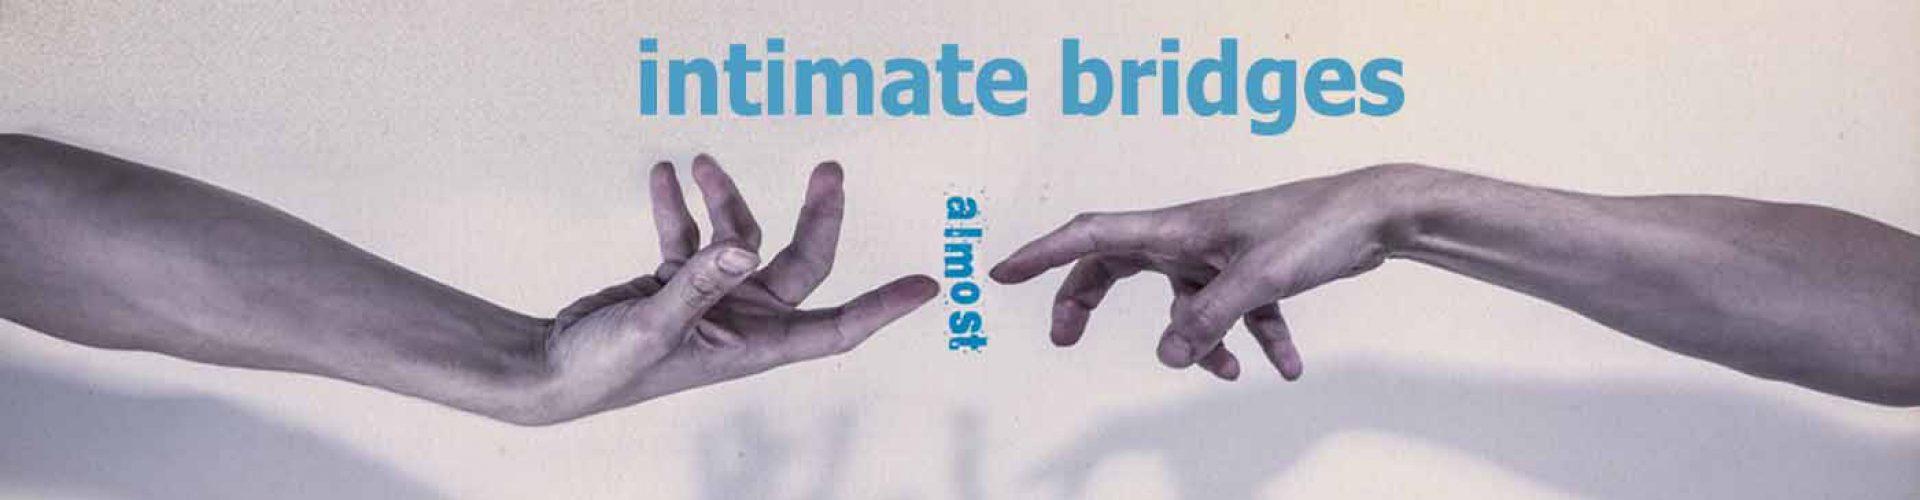 intimate bridges